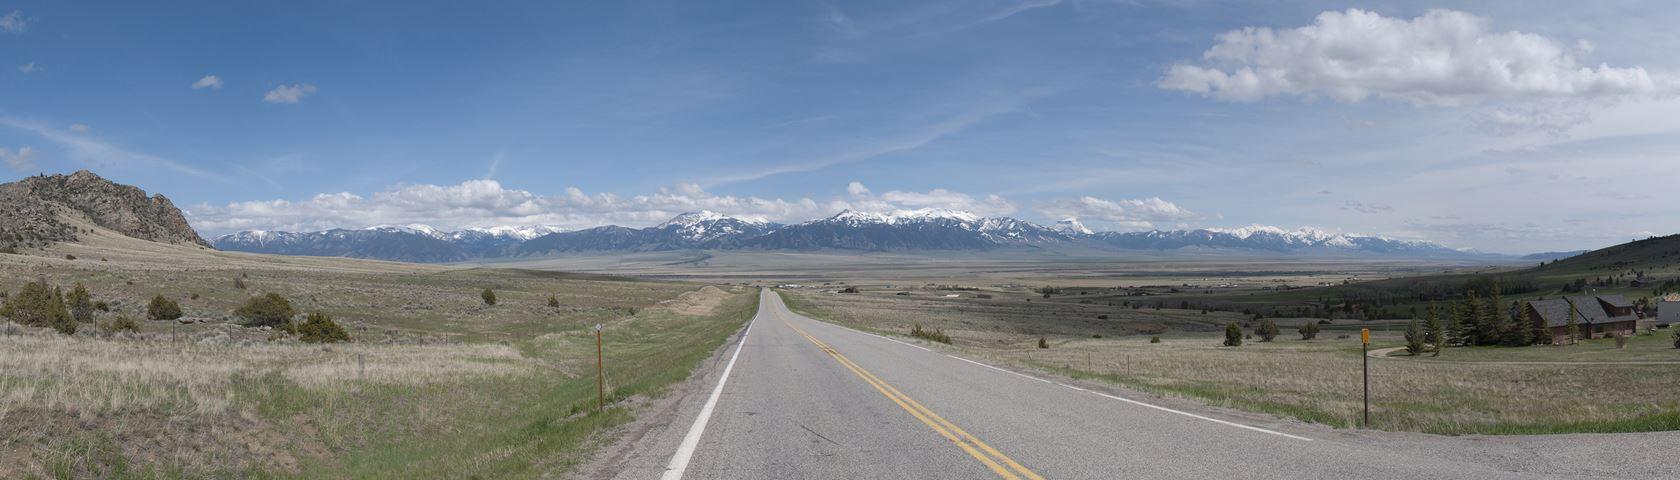 Montana Road